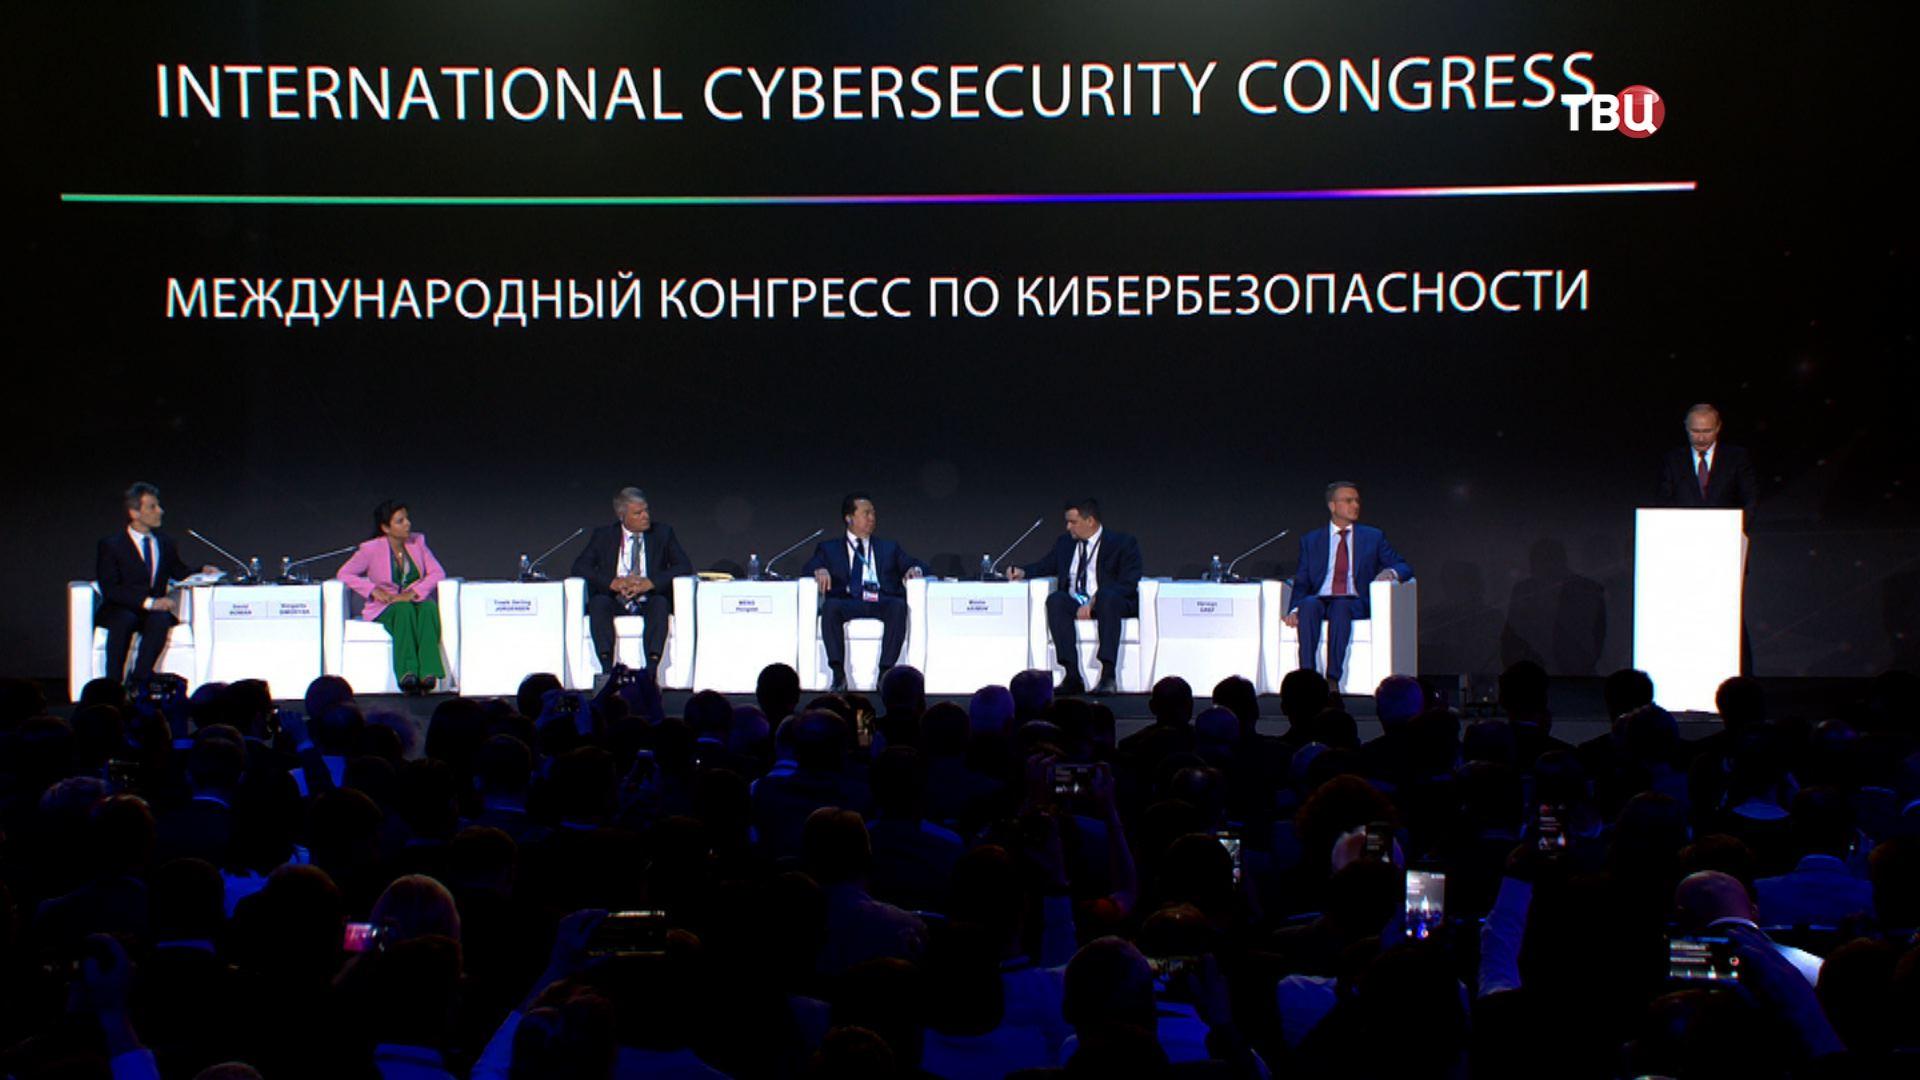 Международный конгресс по кибербезопасности